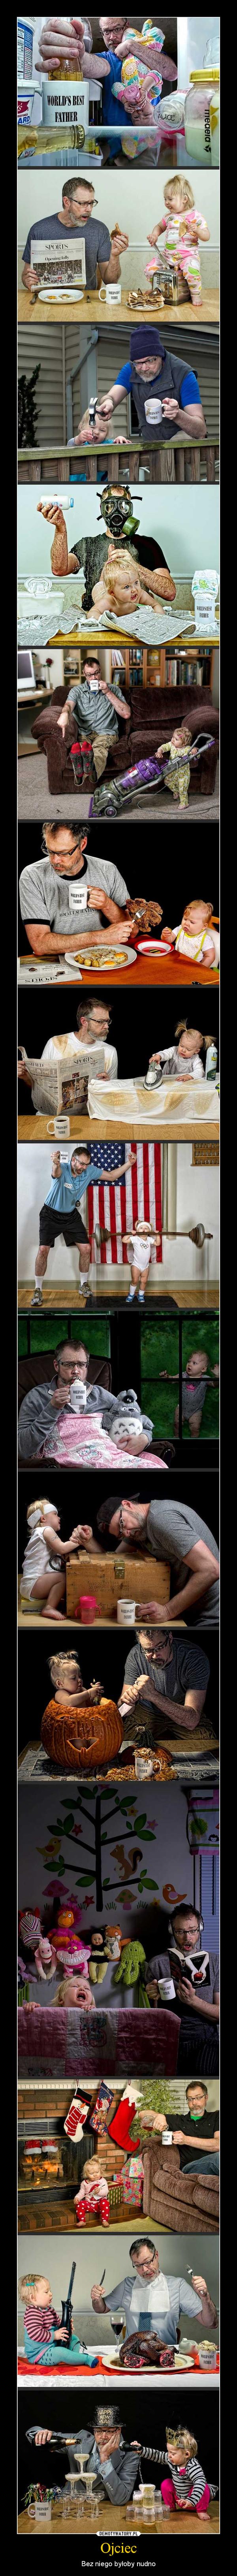 Ojciec – Bez niego byłoby nudno